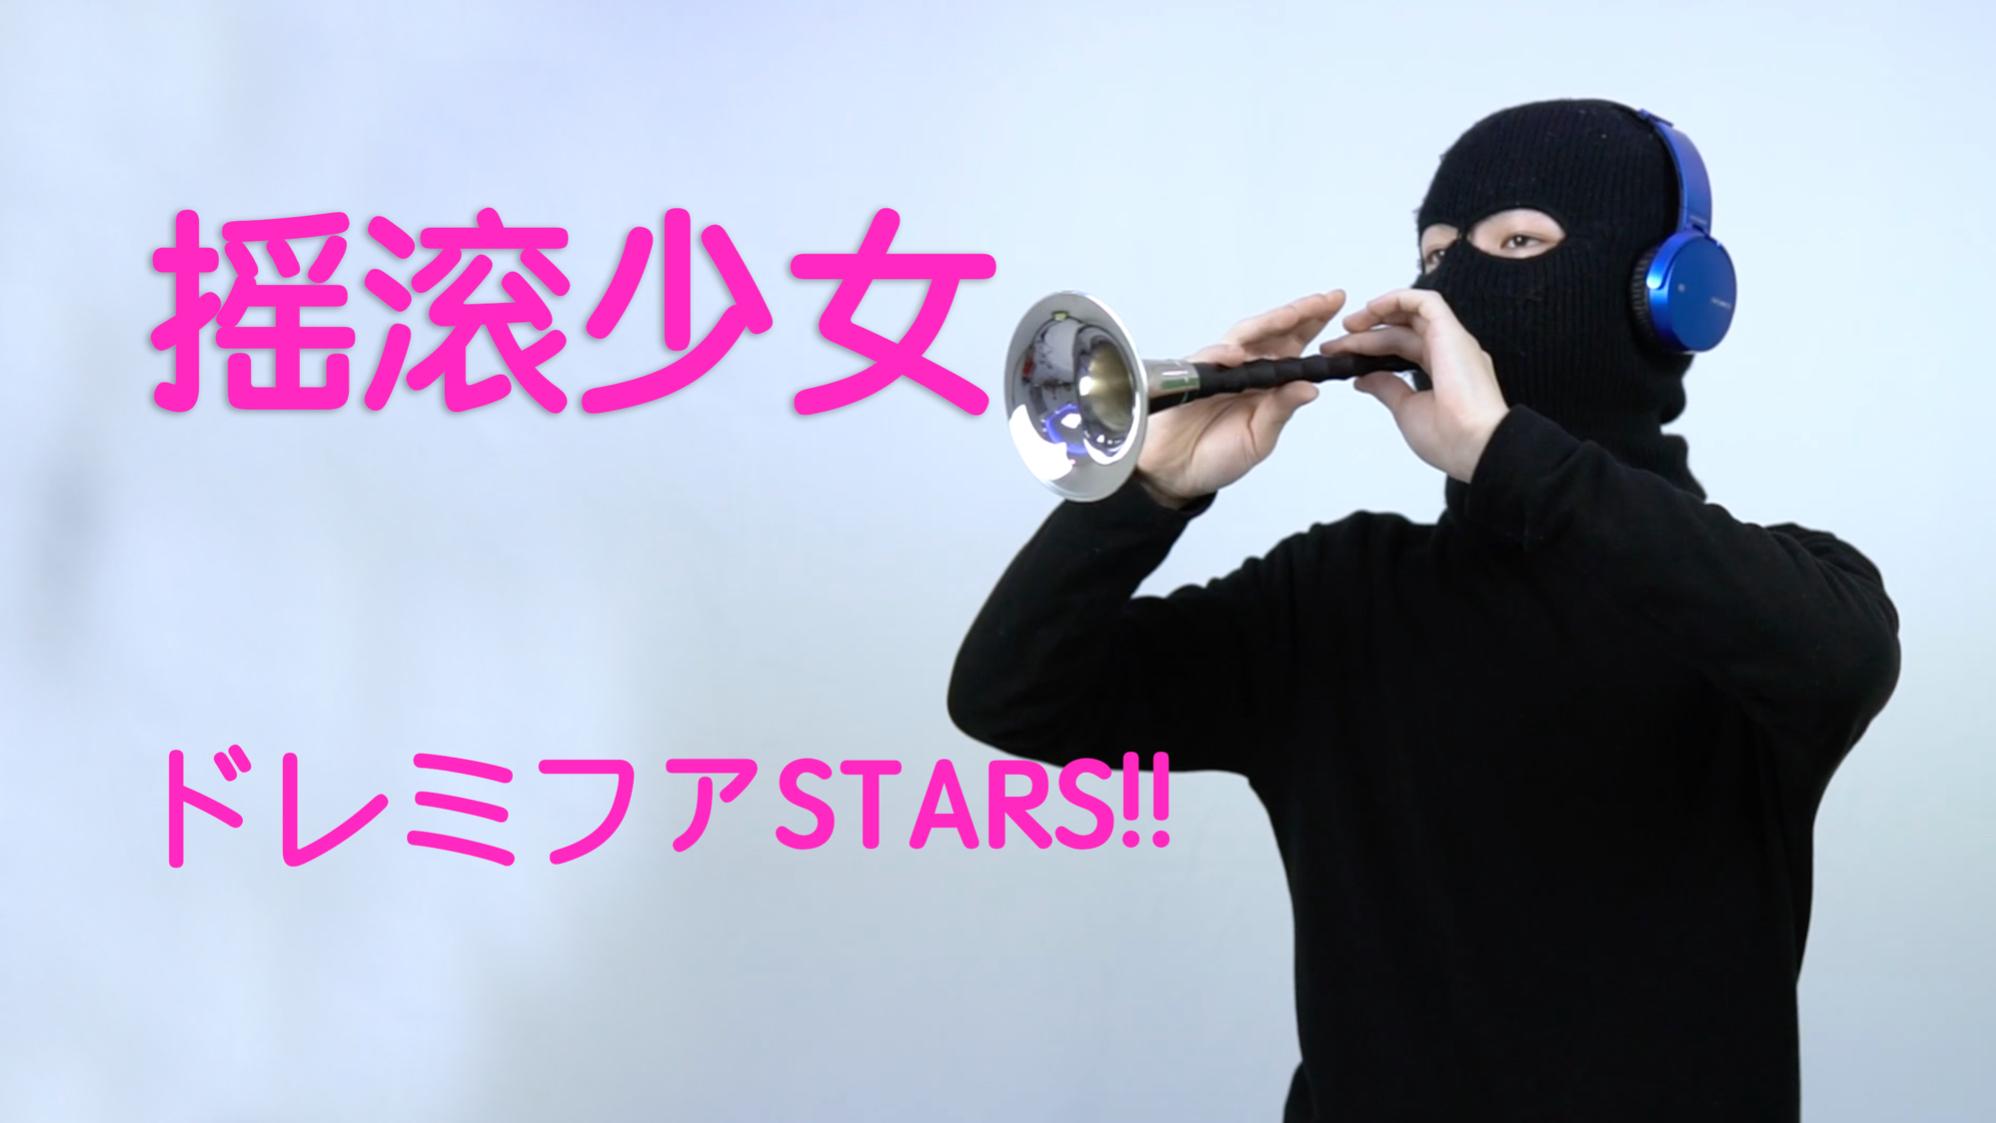 【唢呐】摇滚少女OP《ドレミファSTARS!!》